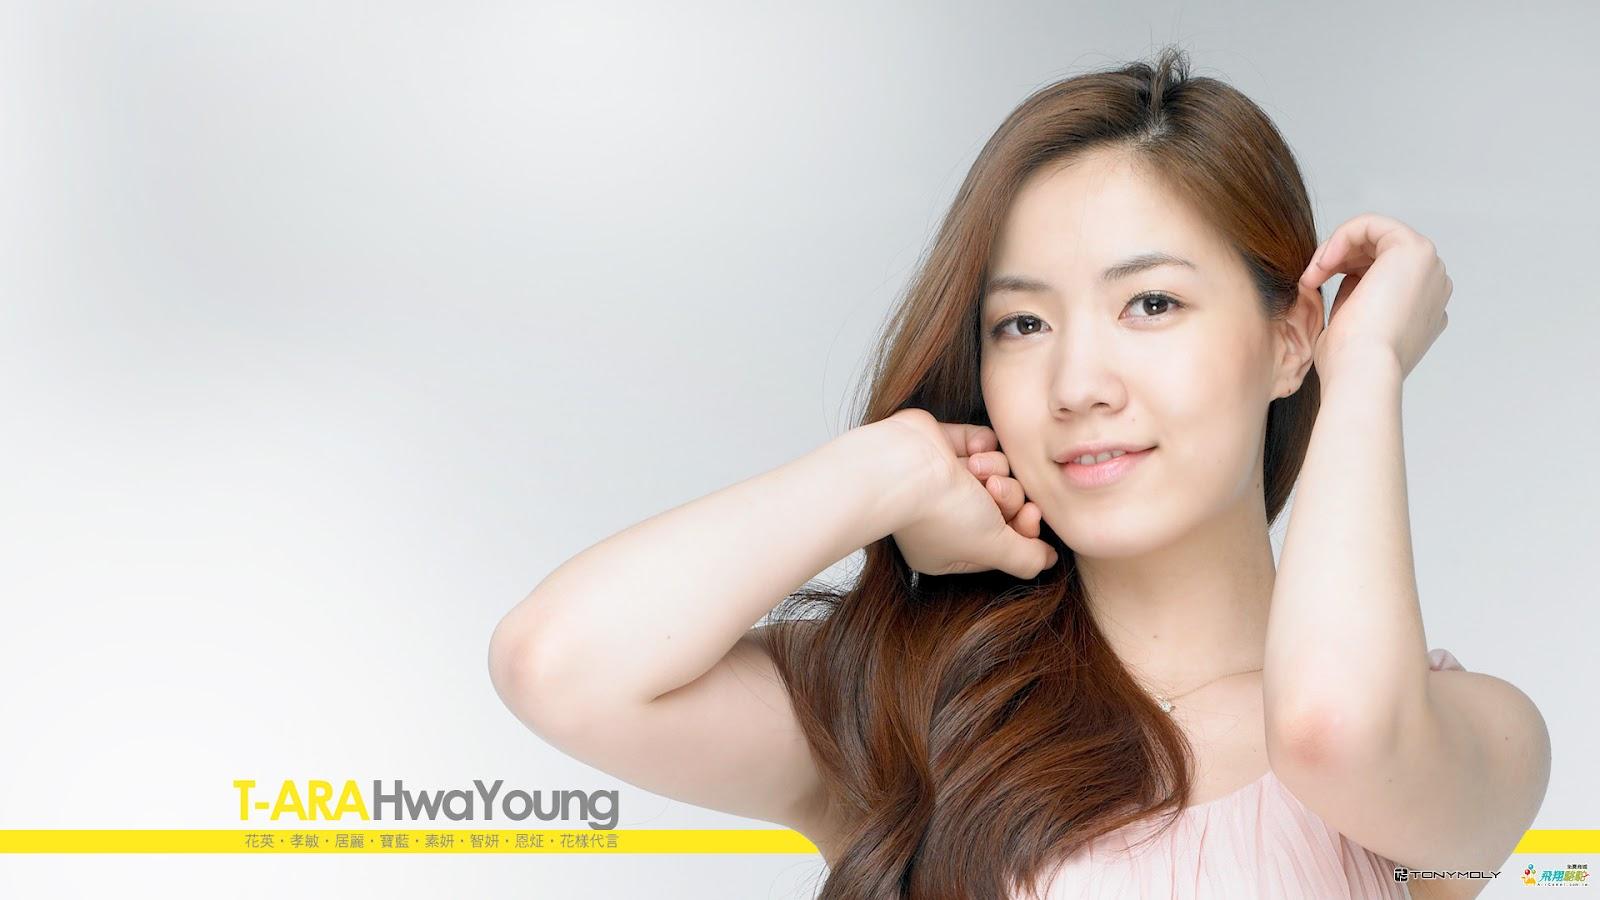 Foto Dan Profil Hwayoung Ara Blokufo